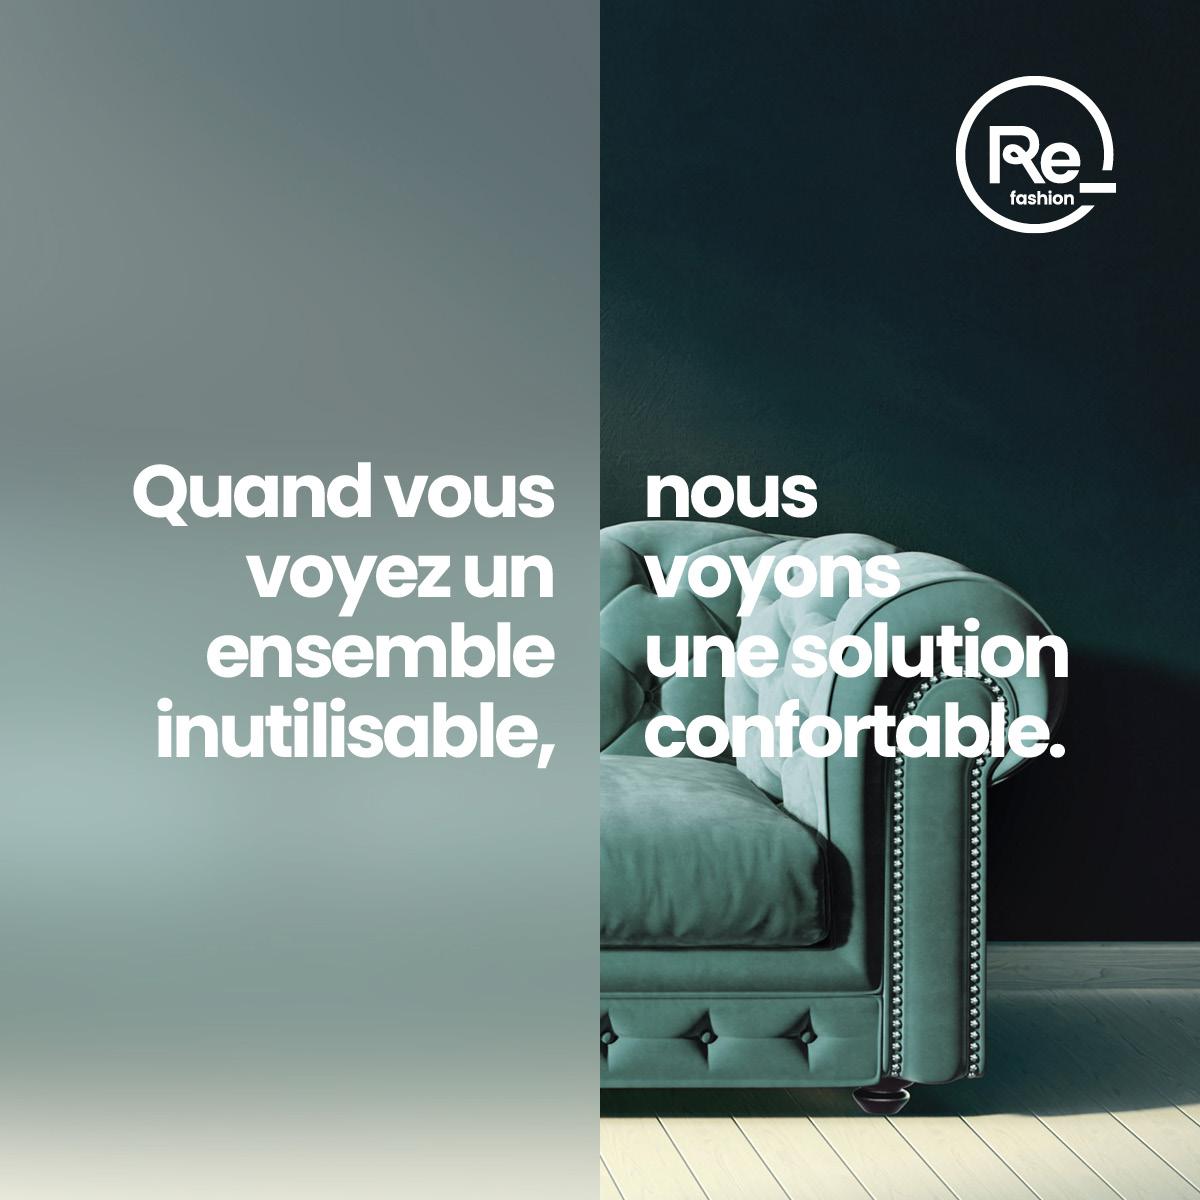 Visuel de la campagne de sensibilisation au tri des textiles